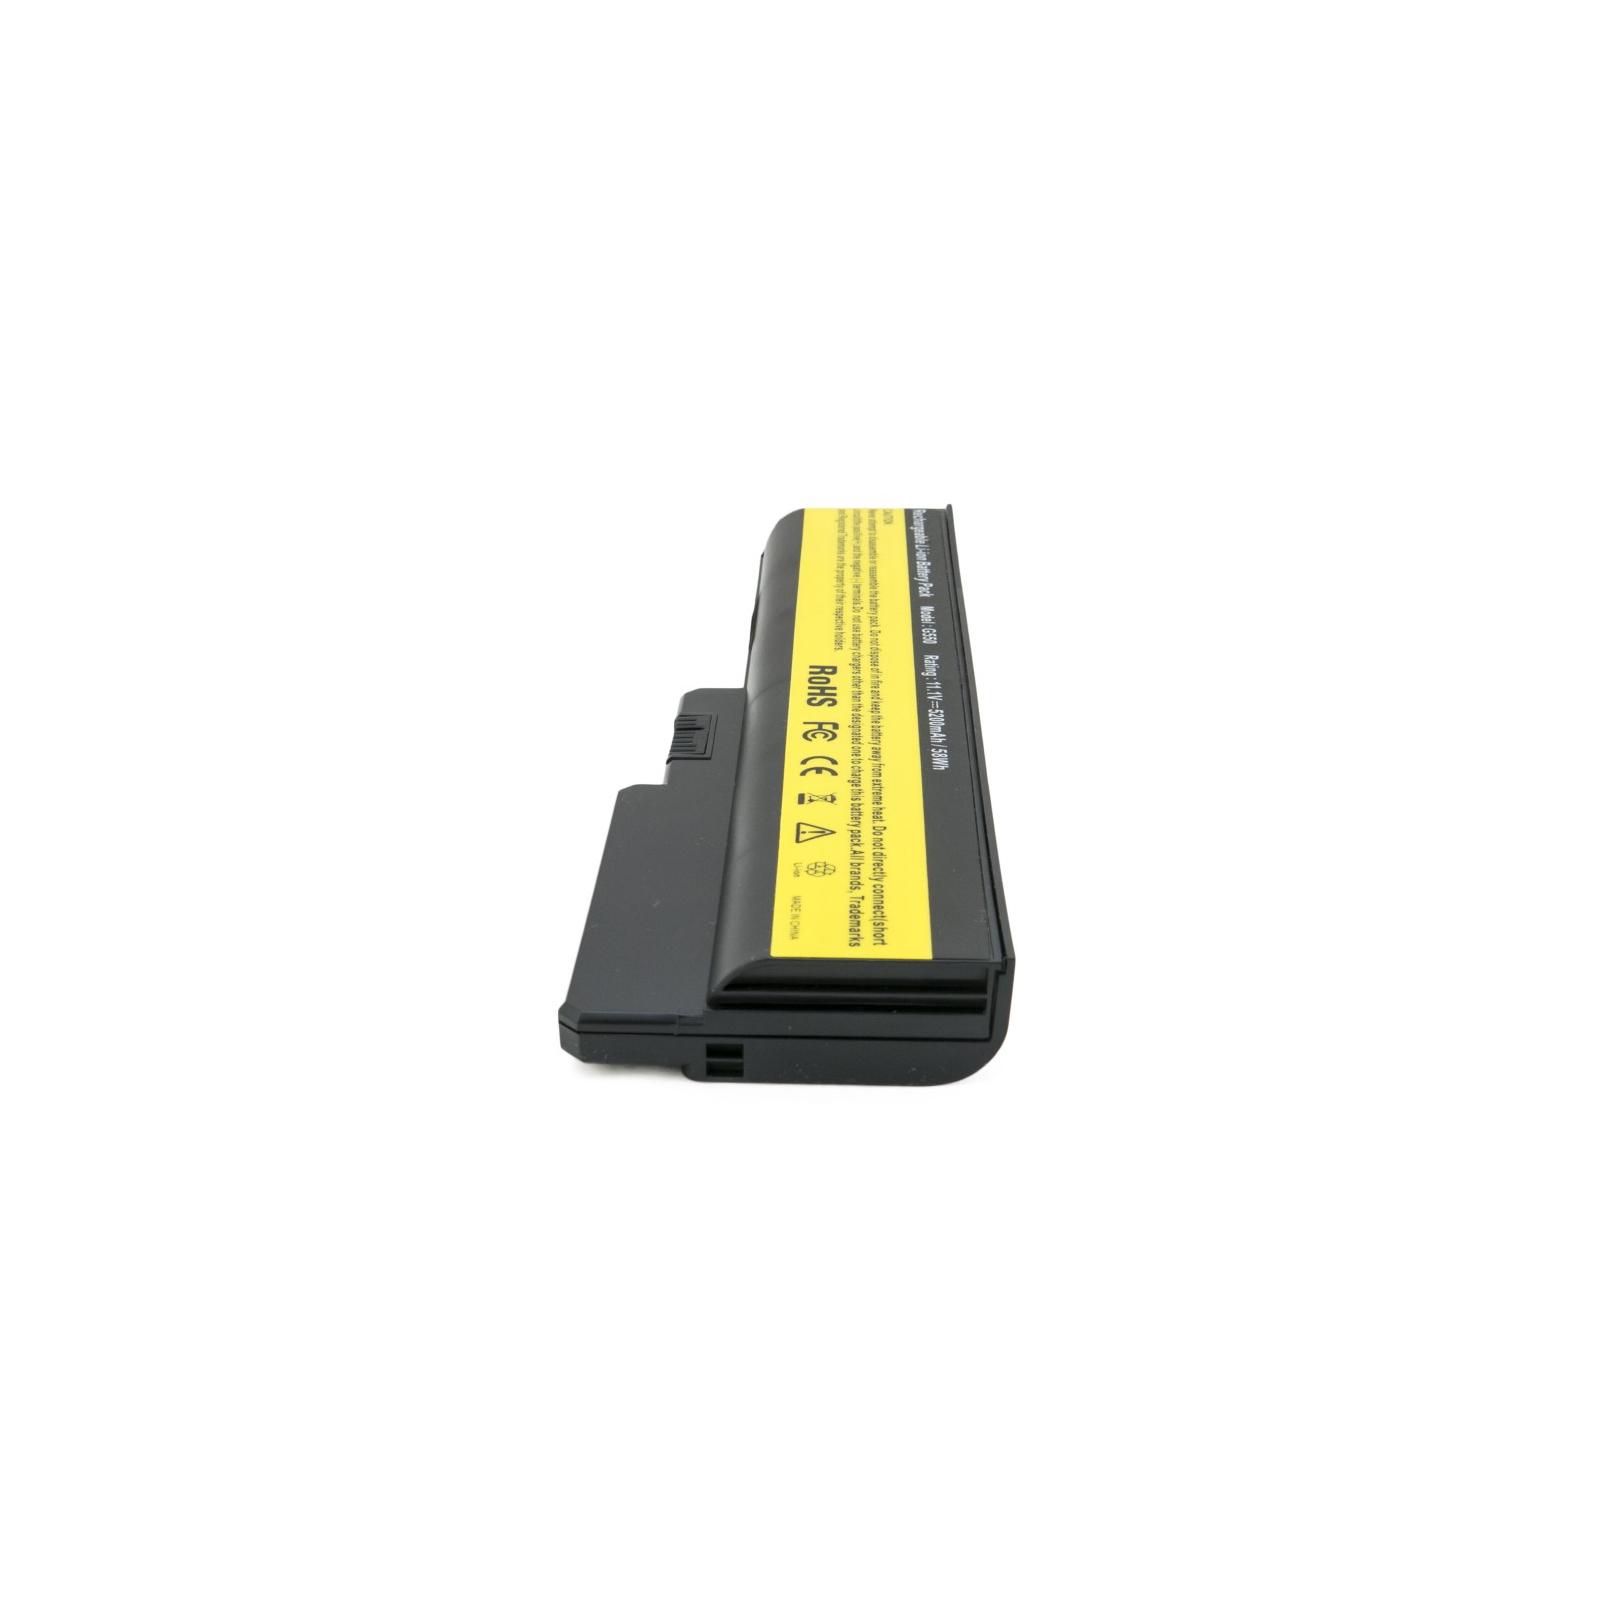 Аккумулятор для ноутбука Lenovo IdeaPad G550, 5200 mAh EXTRADIGITAL (BNL3953) изображение 5